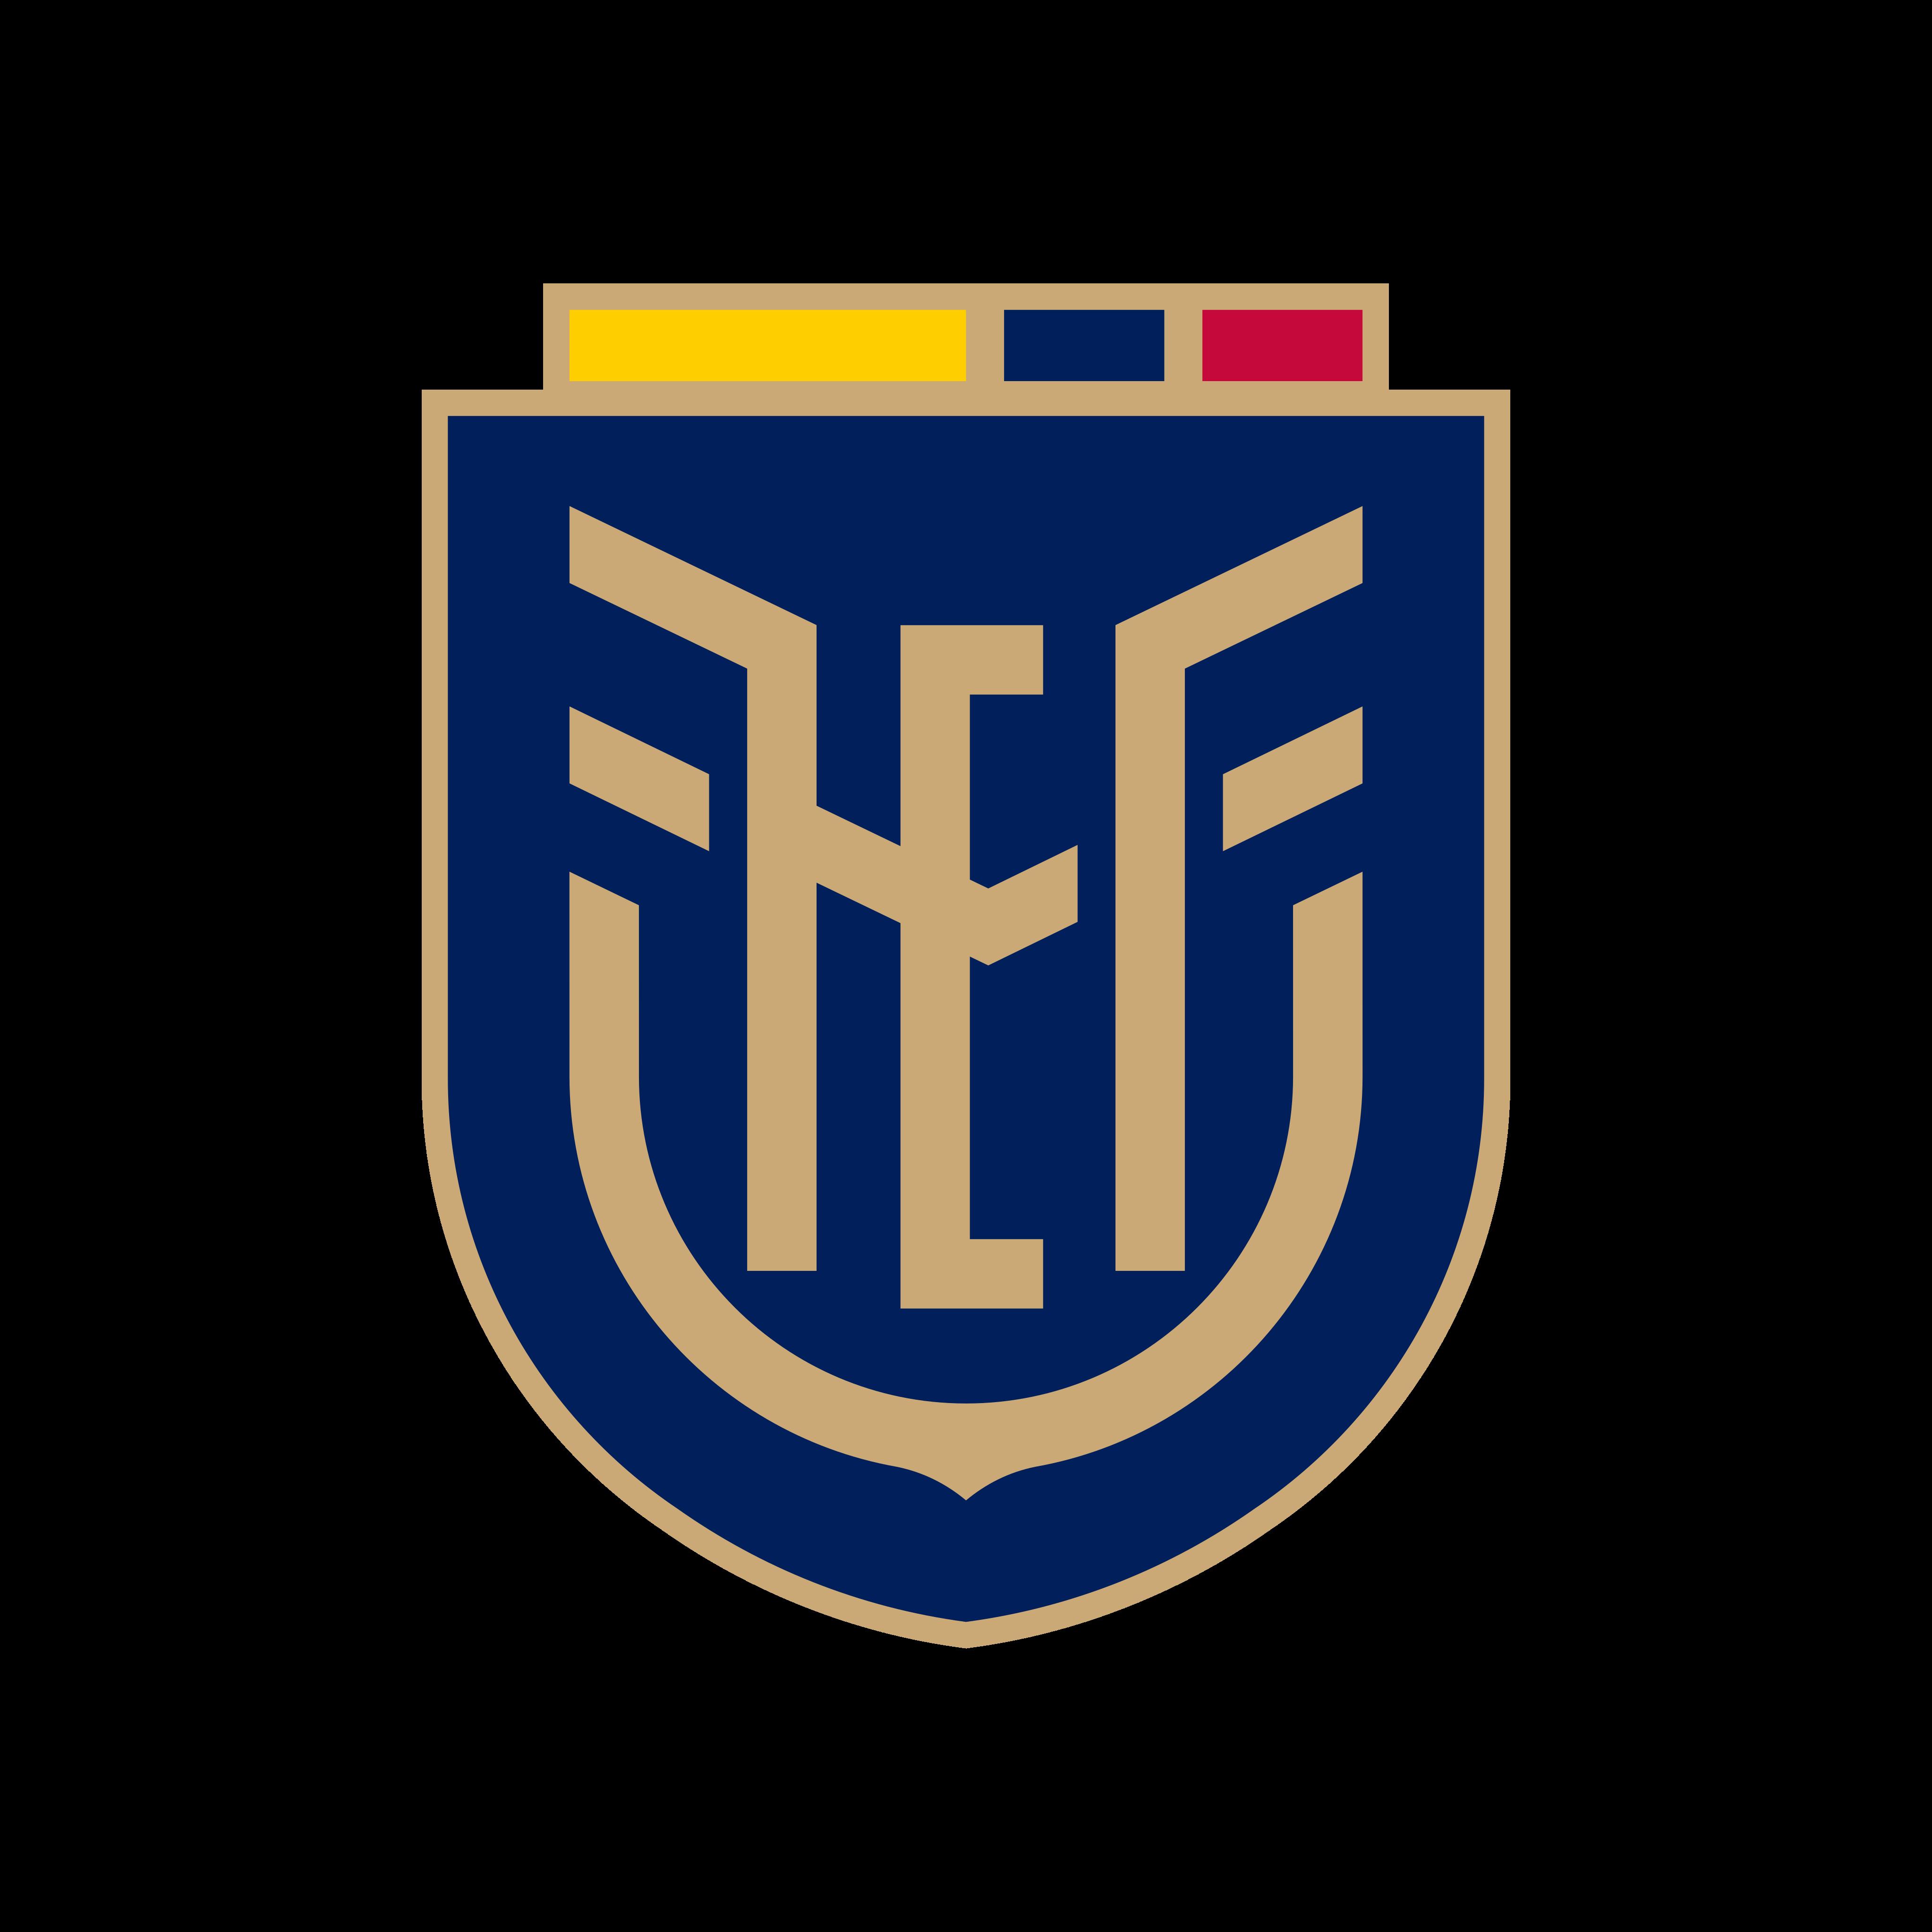 fef seleccion ecuador logo 0 - FEF Logo - Seleção do Equador de Futebol Logo